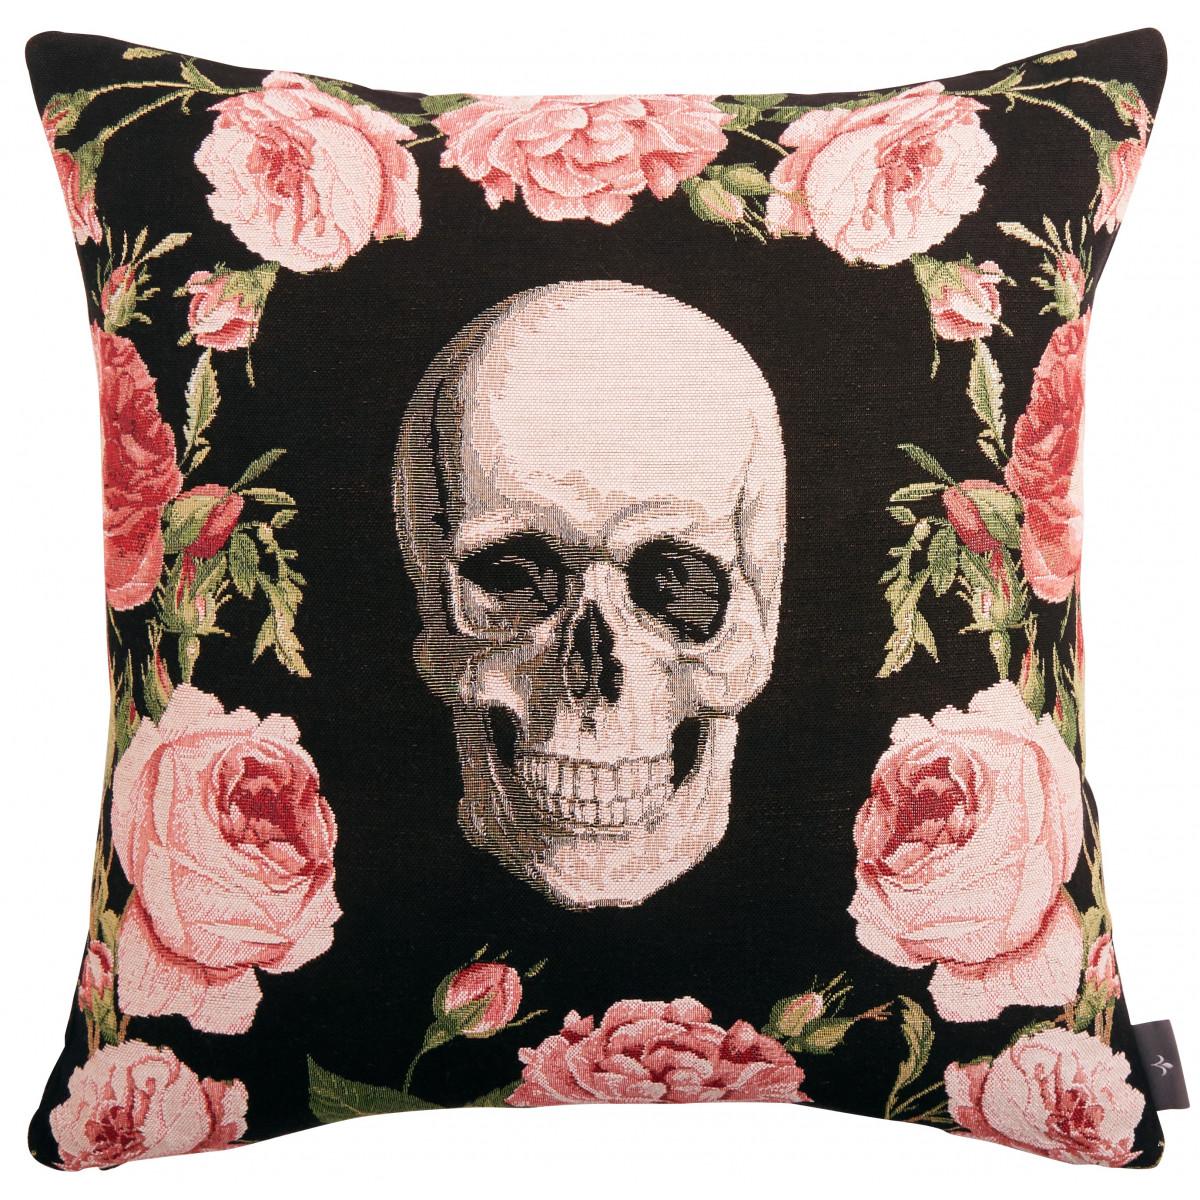 Coussin tapisserie crâne et roses Noir 50 x 50